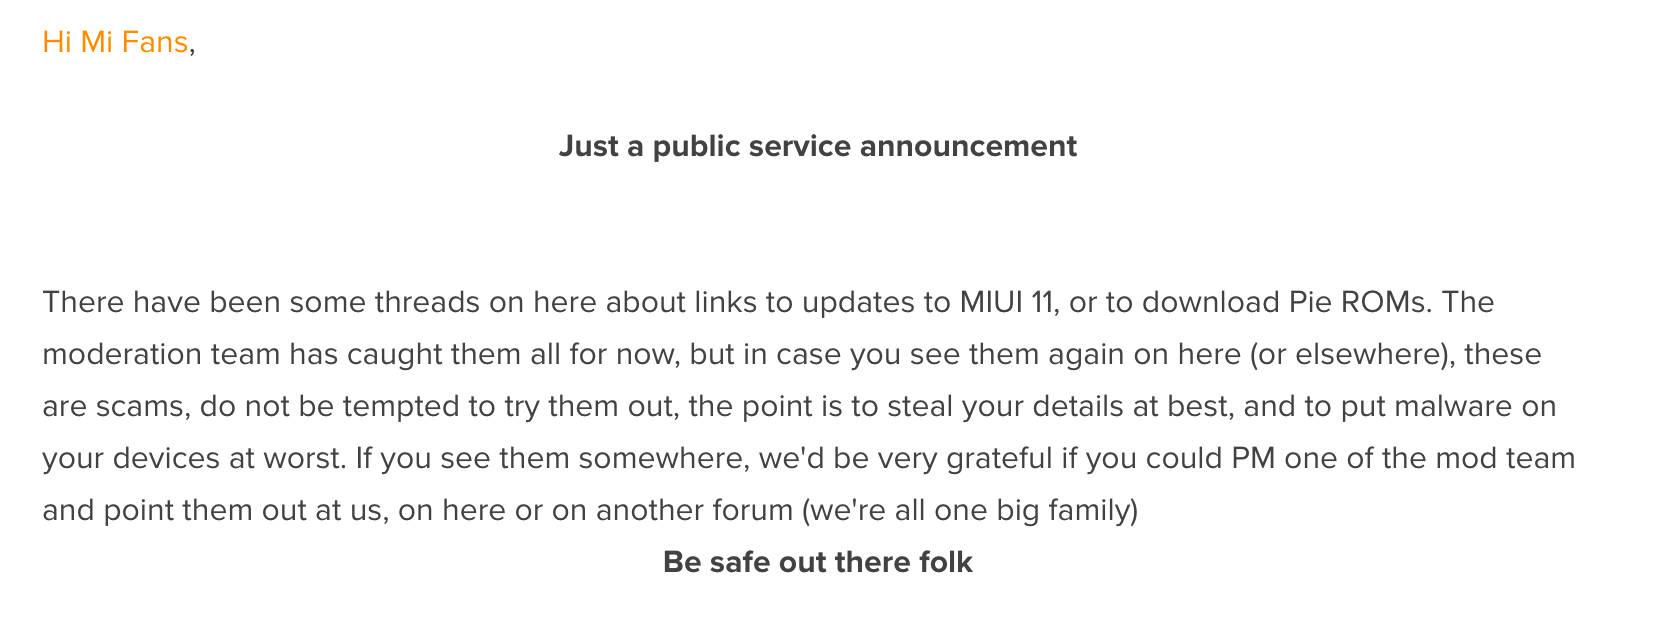 MIUI 11 scam Xiaomi Redmi fałszywa aktualizacja oszuści Android Pie